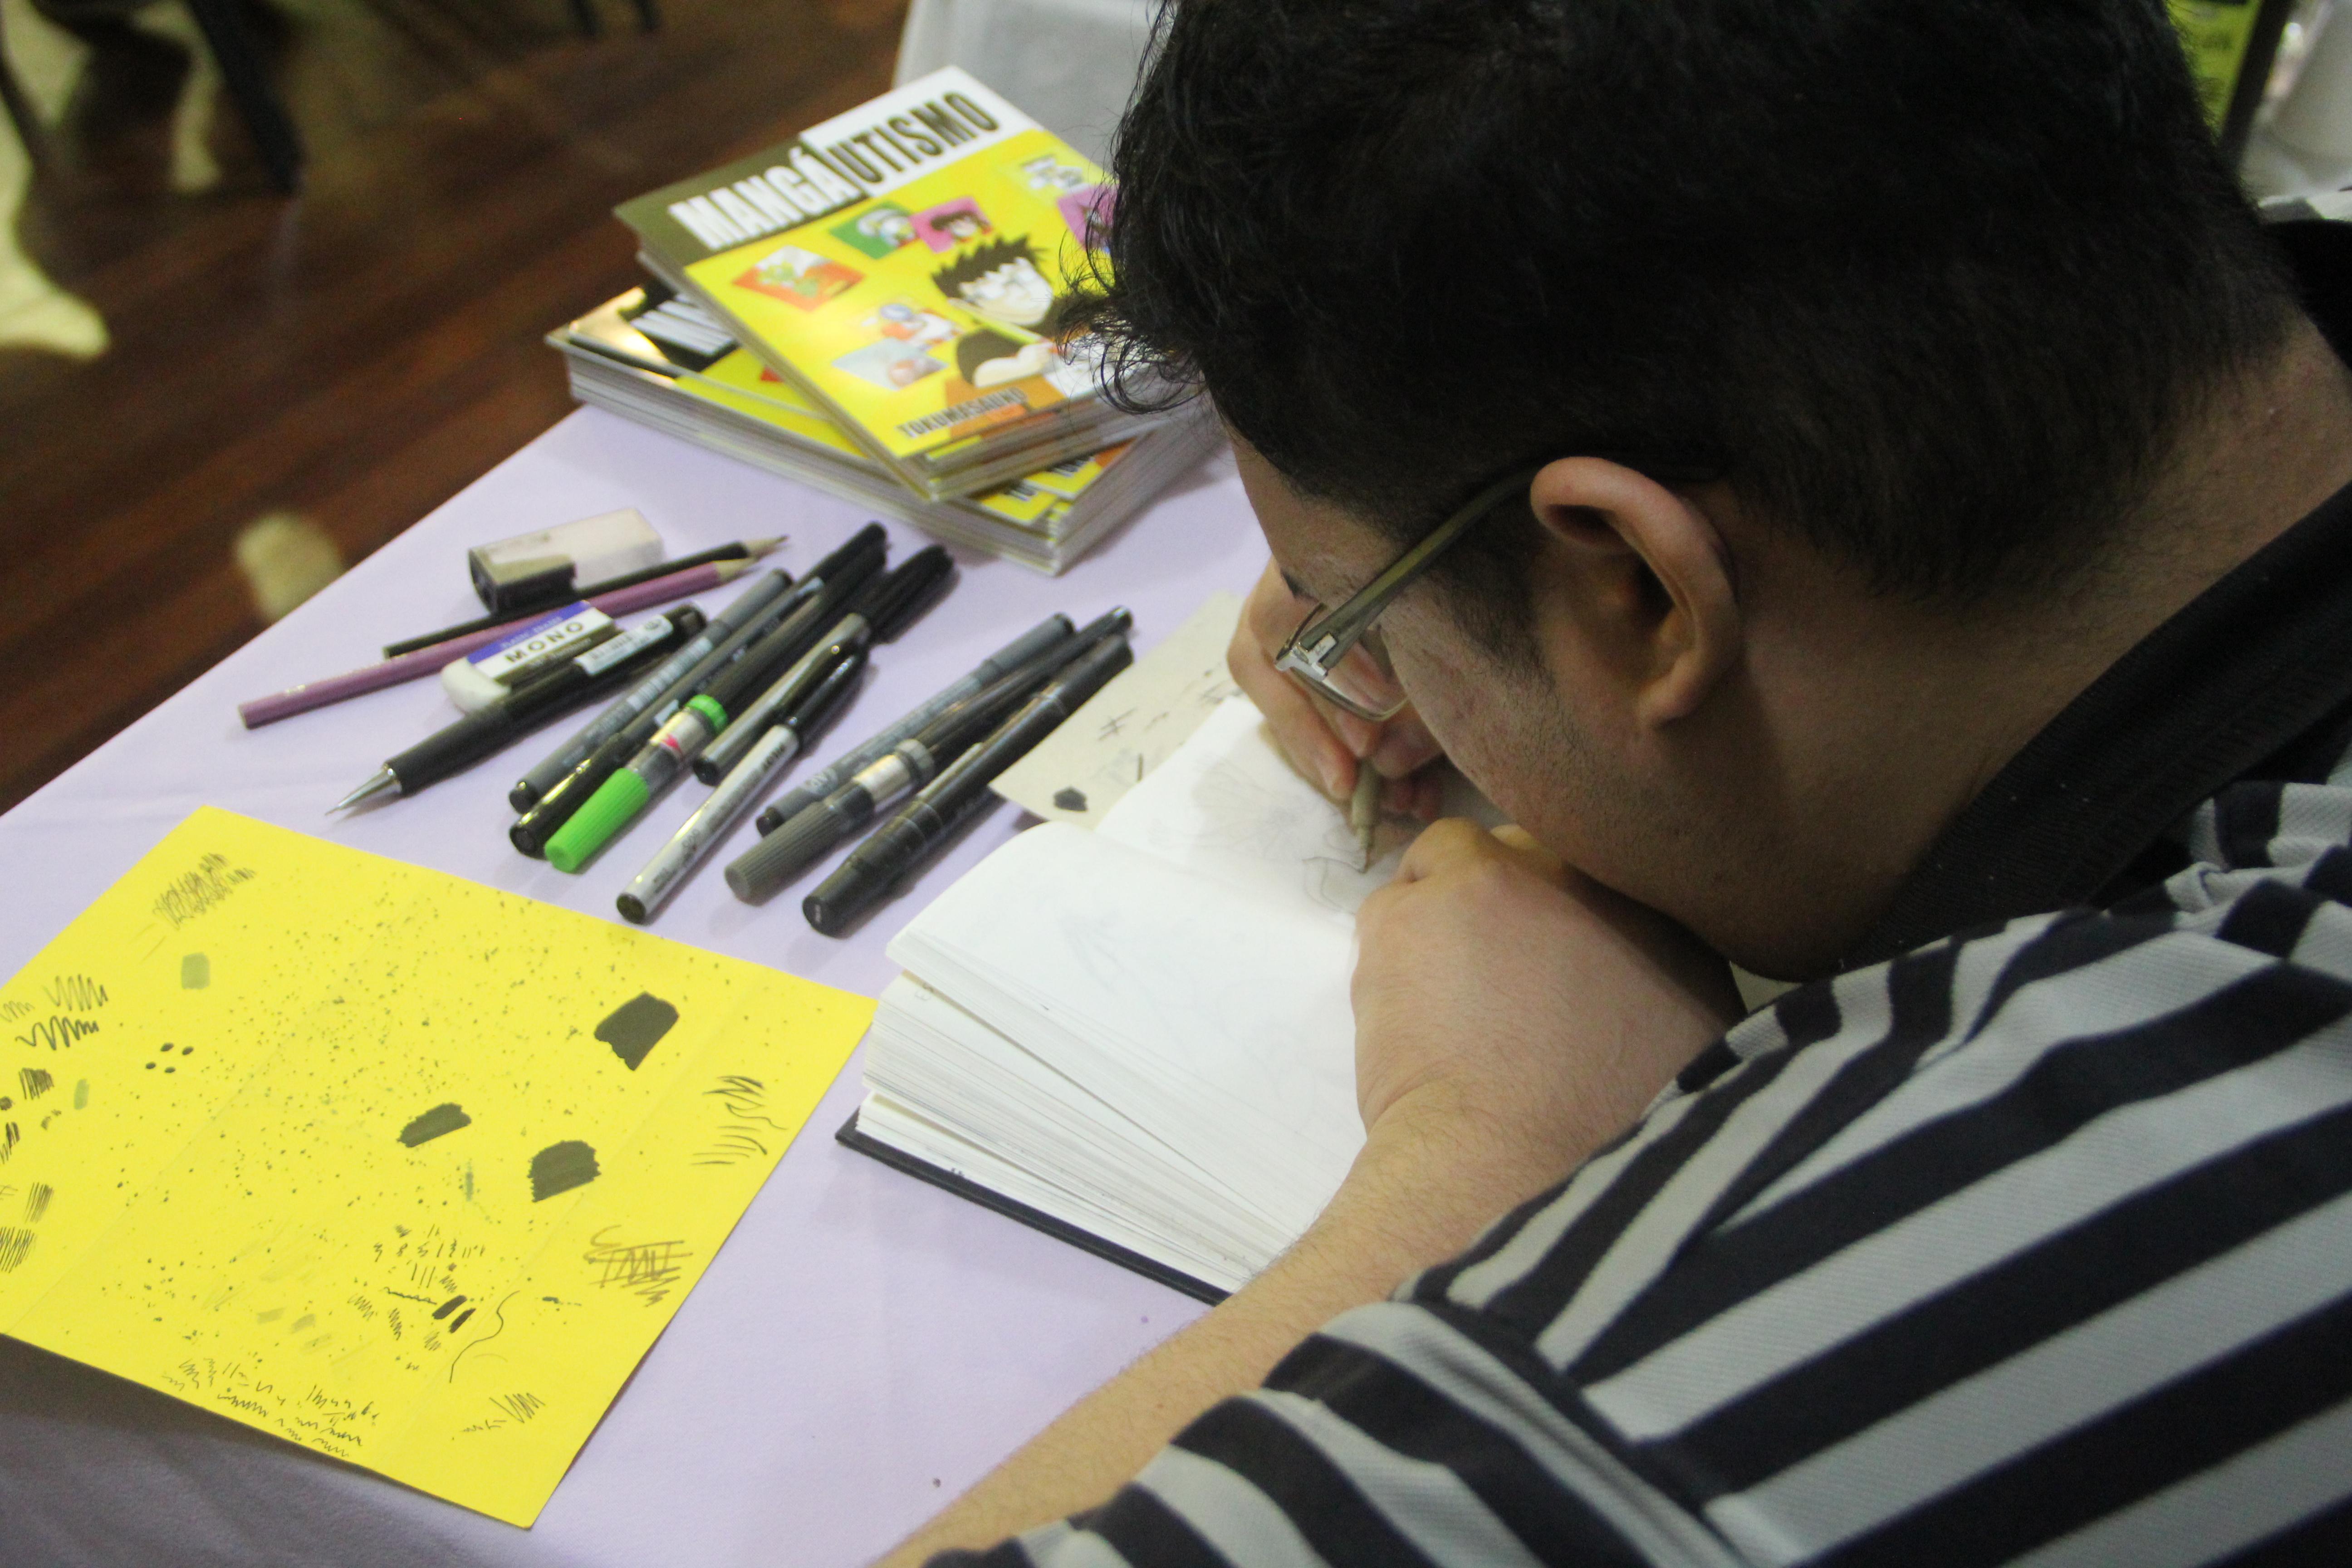 Autor do Mangá, Masato Uno